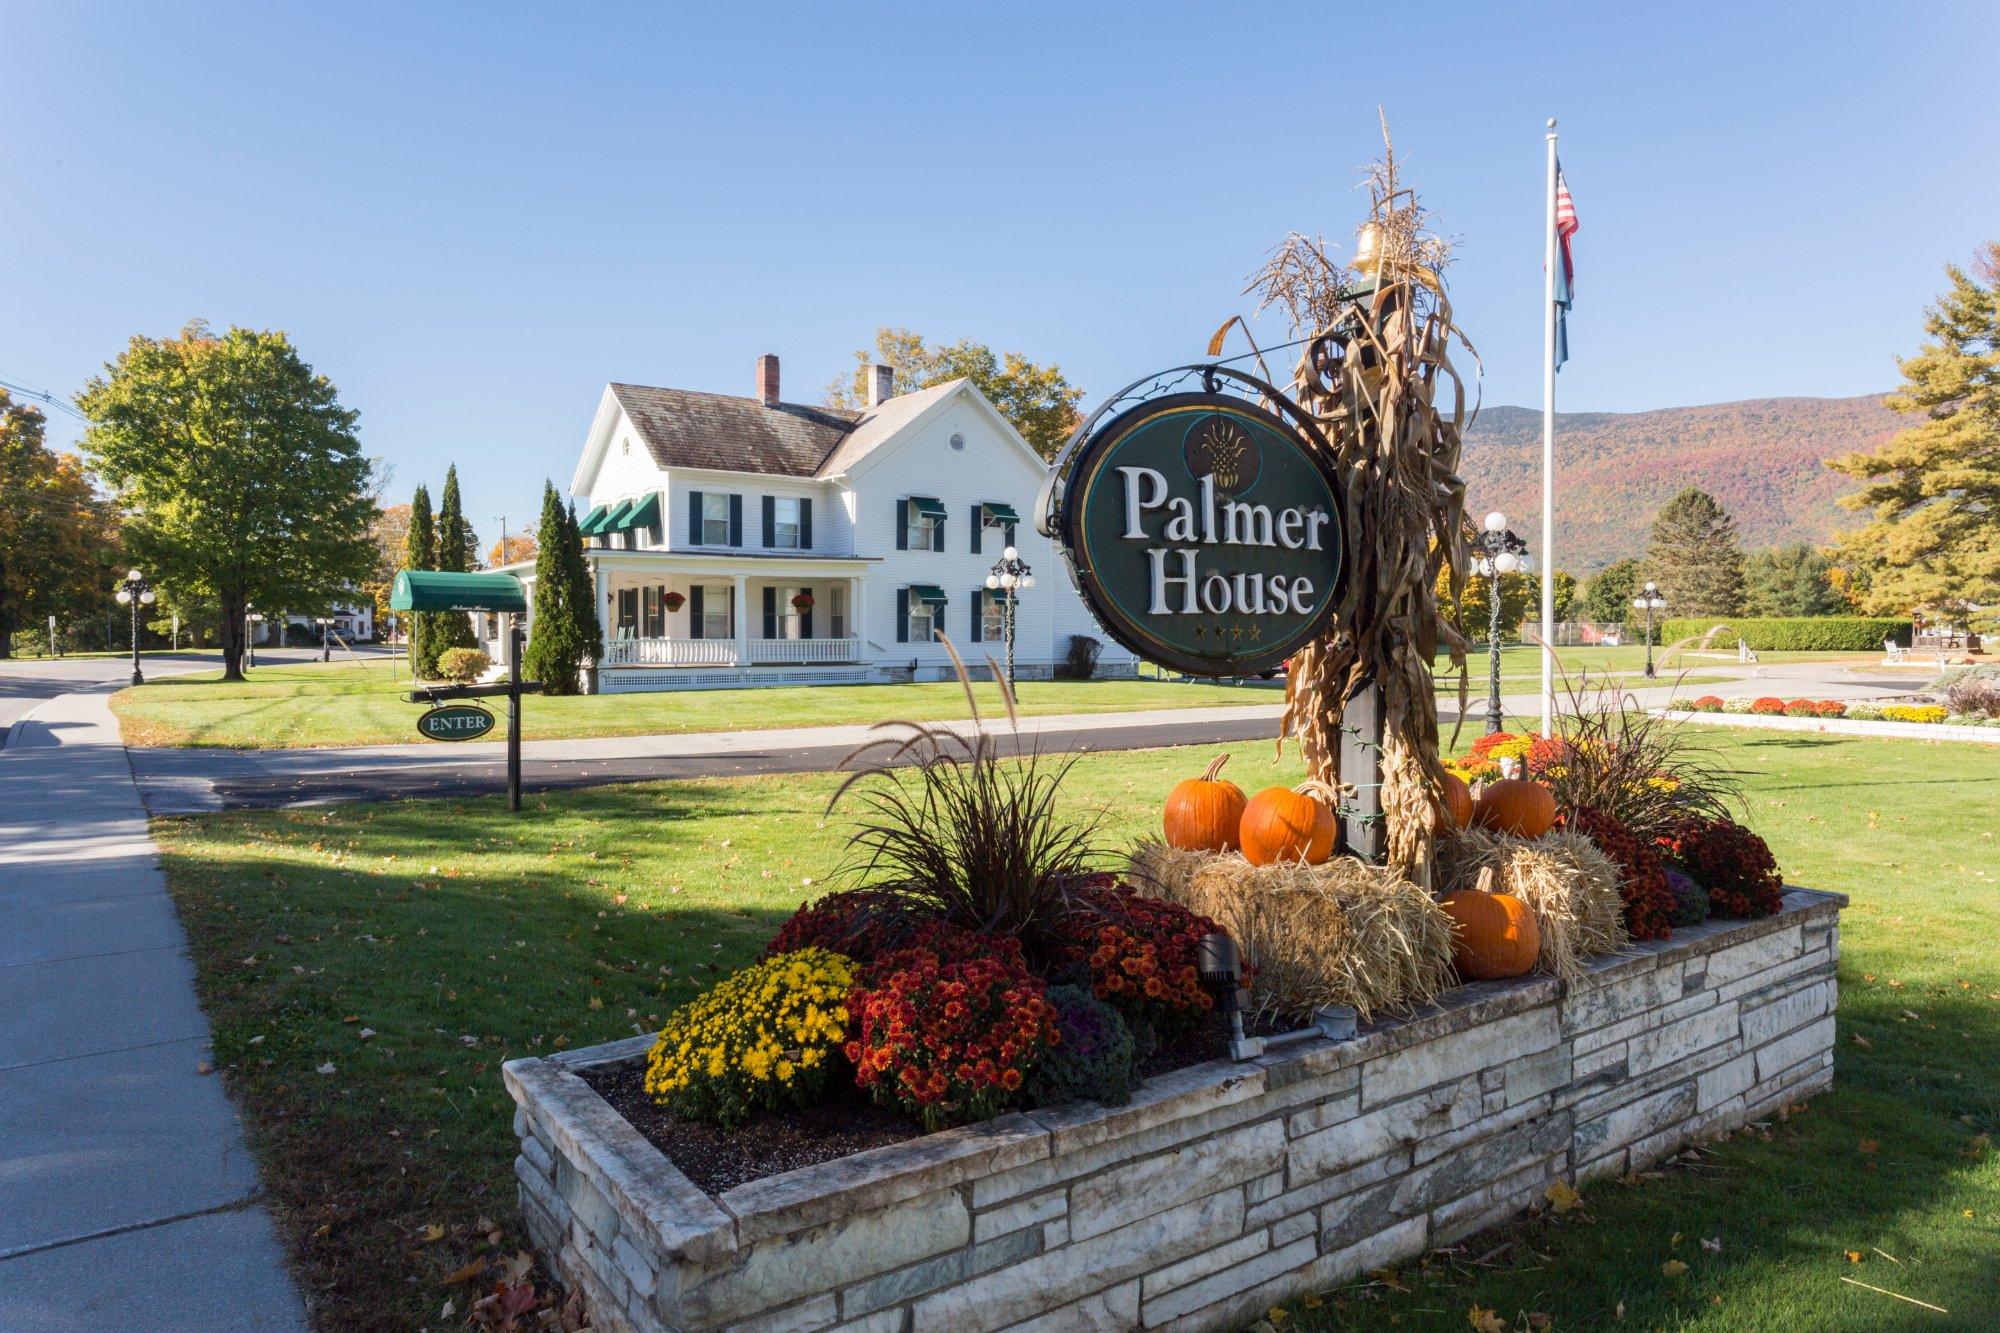 パルマー ハウス